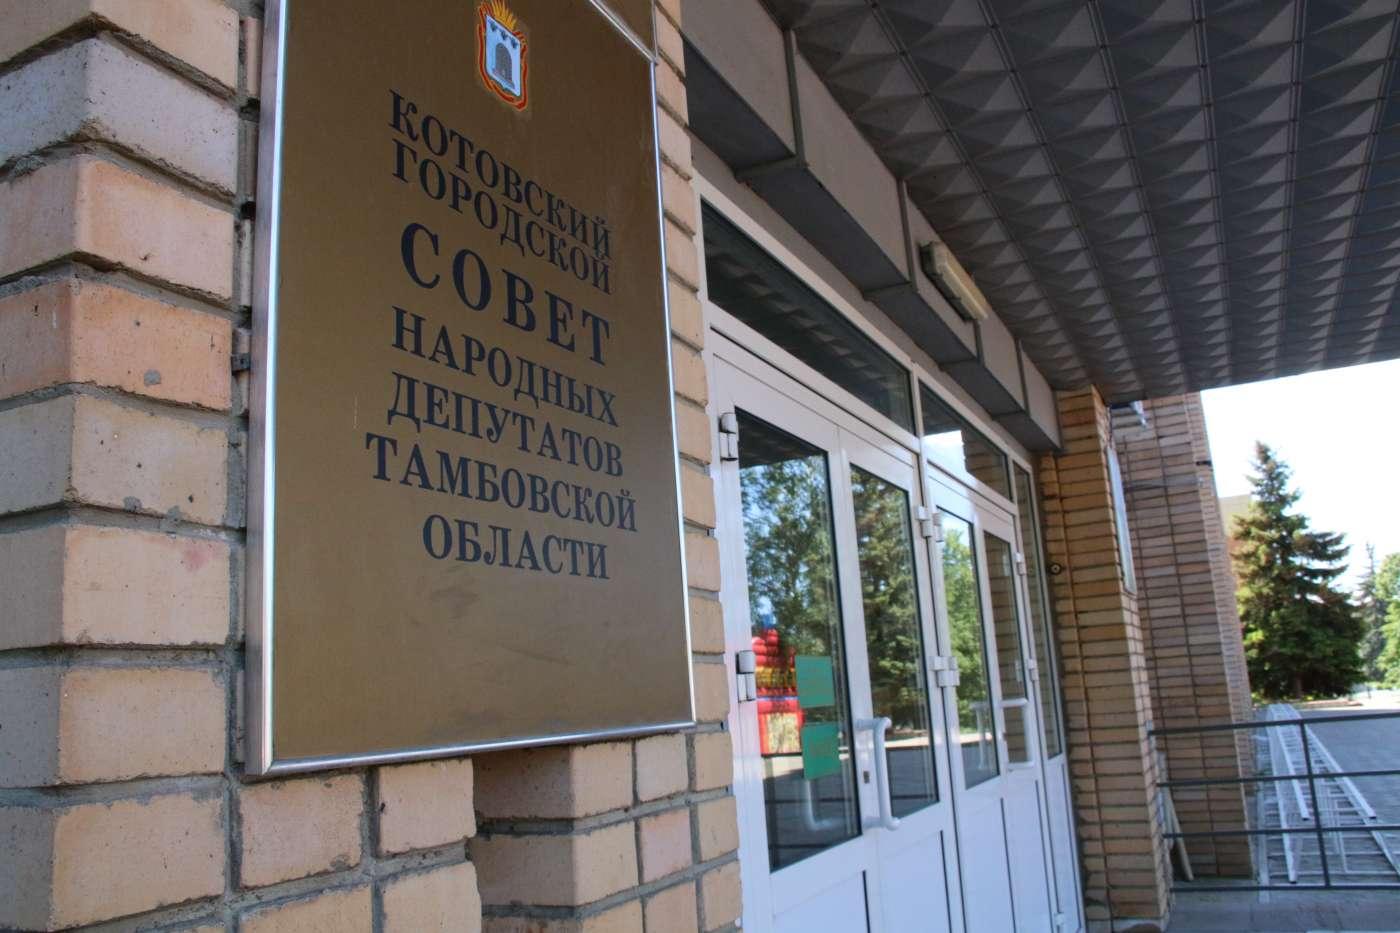 В Котовске получили название две новые улицы